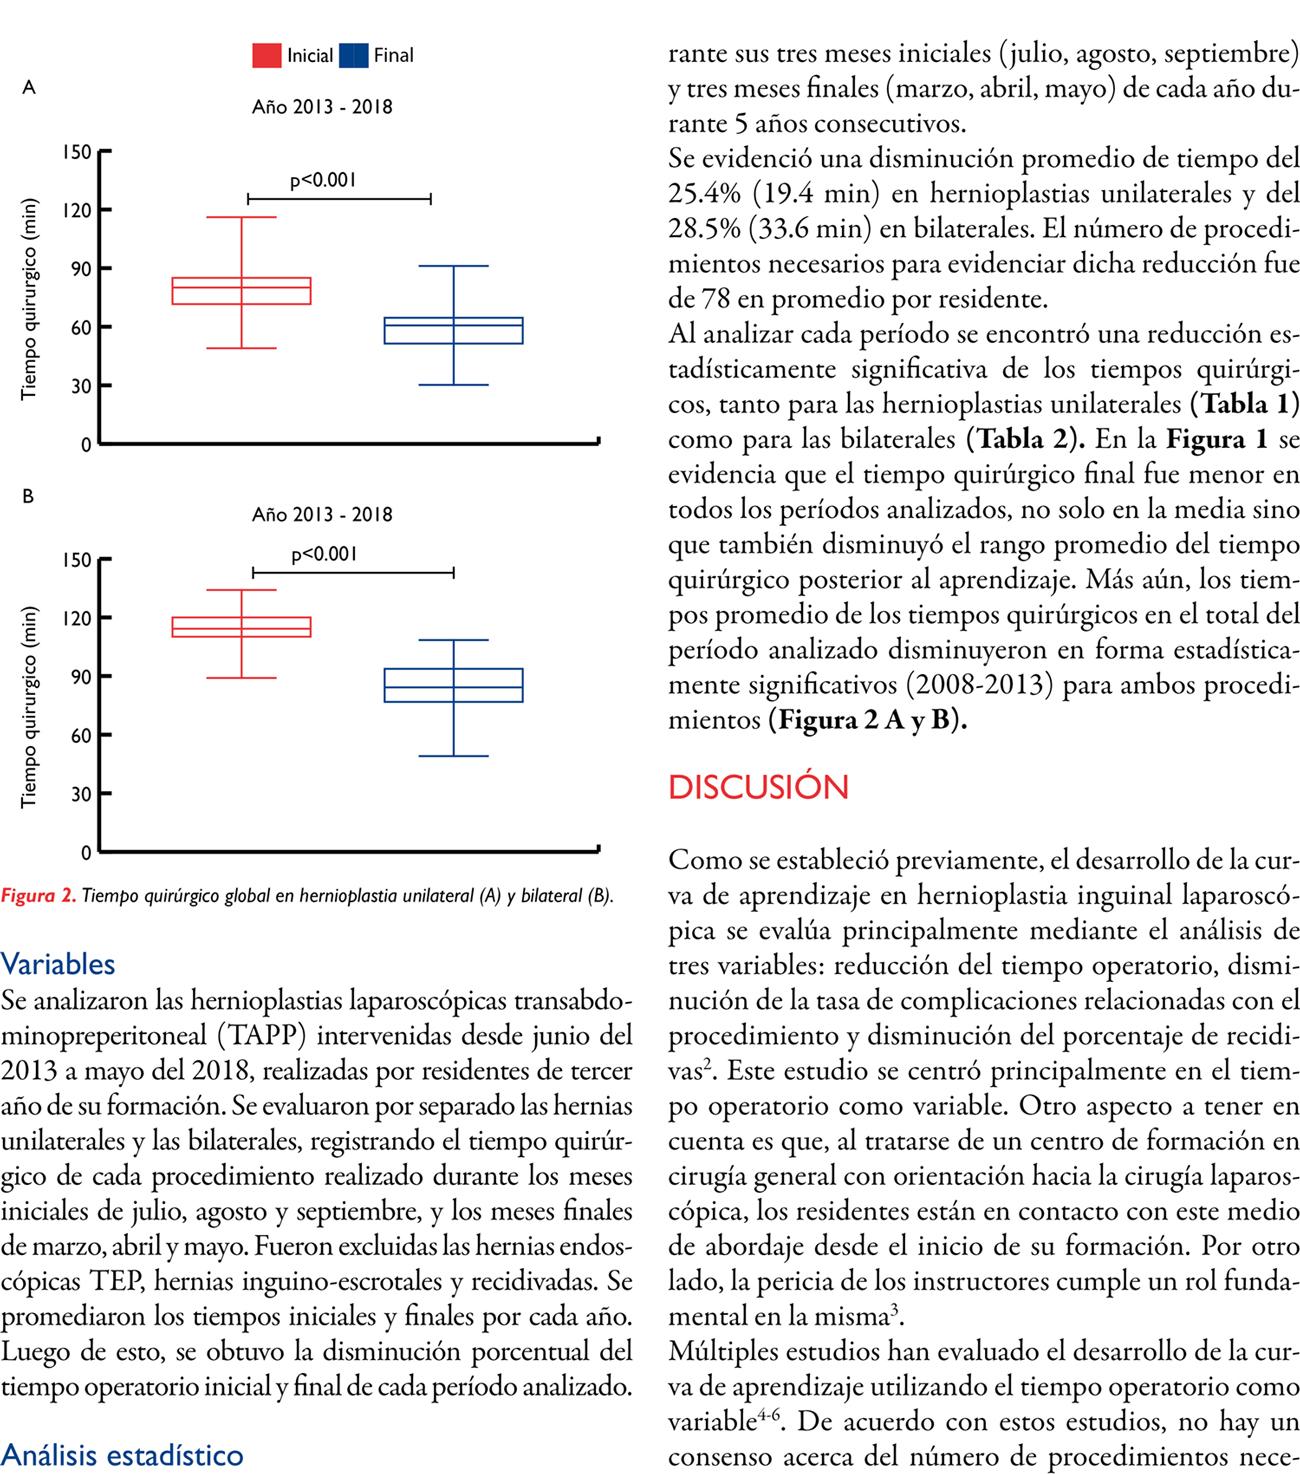 Aprendizaje y entrenamiento en hernioplastia inguinal laparoscópica. Impacto del tiempo quirúrgico durante la curva de aprendizaje